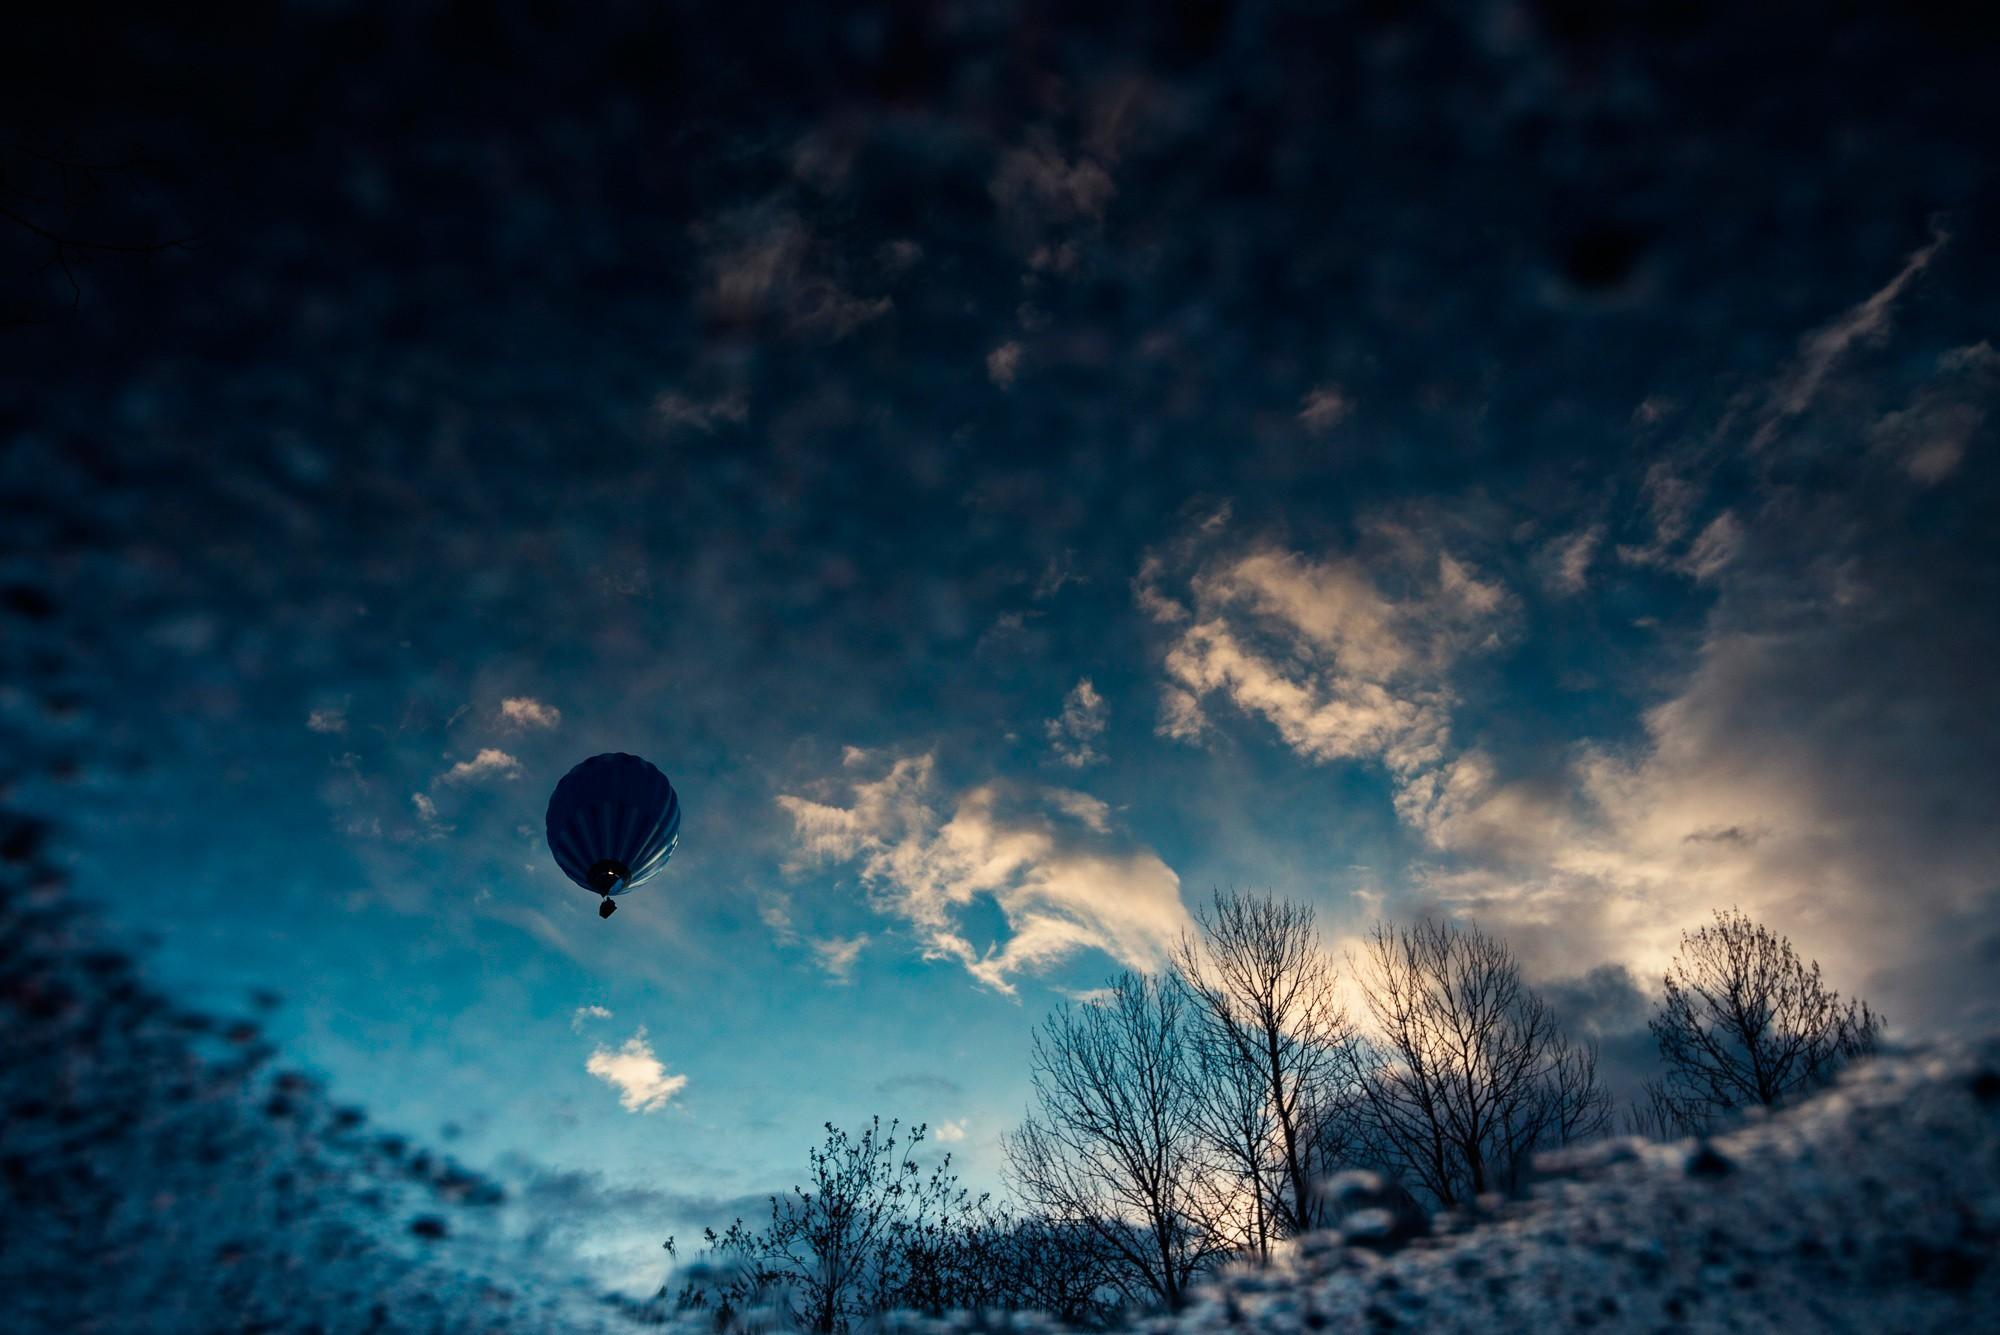 Sfondi Luce Del Sole Tramonto Notte Riflessione Cielo Nuvole